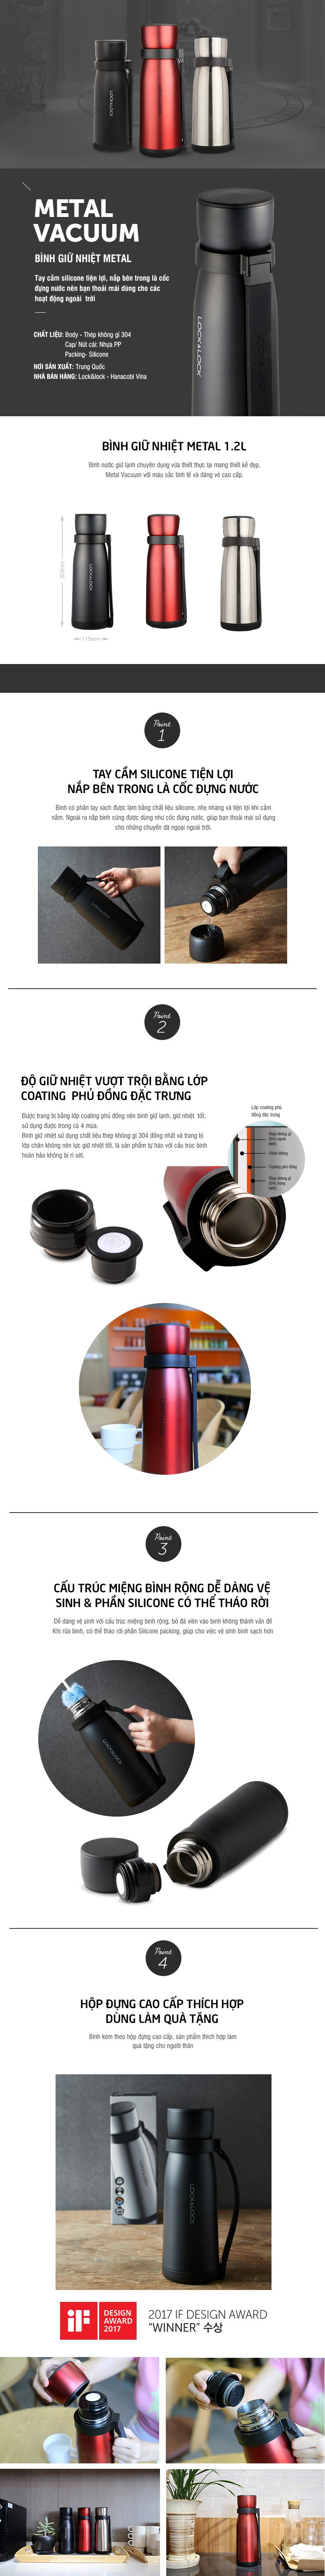 Bình Giữ Nhiệt Metal Motor Hot Tank Lock&Lock LHC1416STS (1200ml) - Bạc